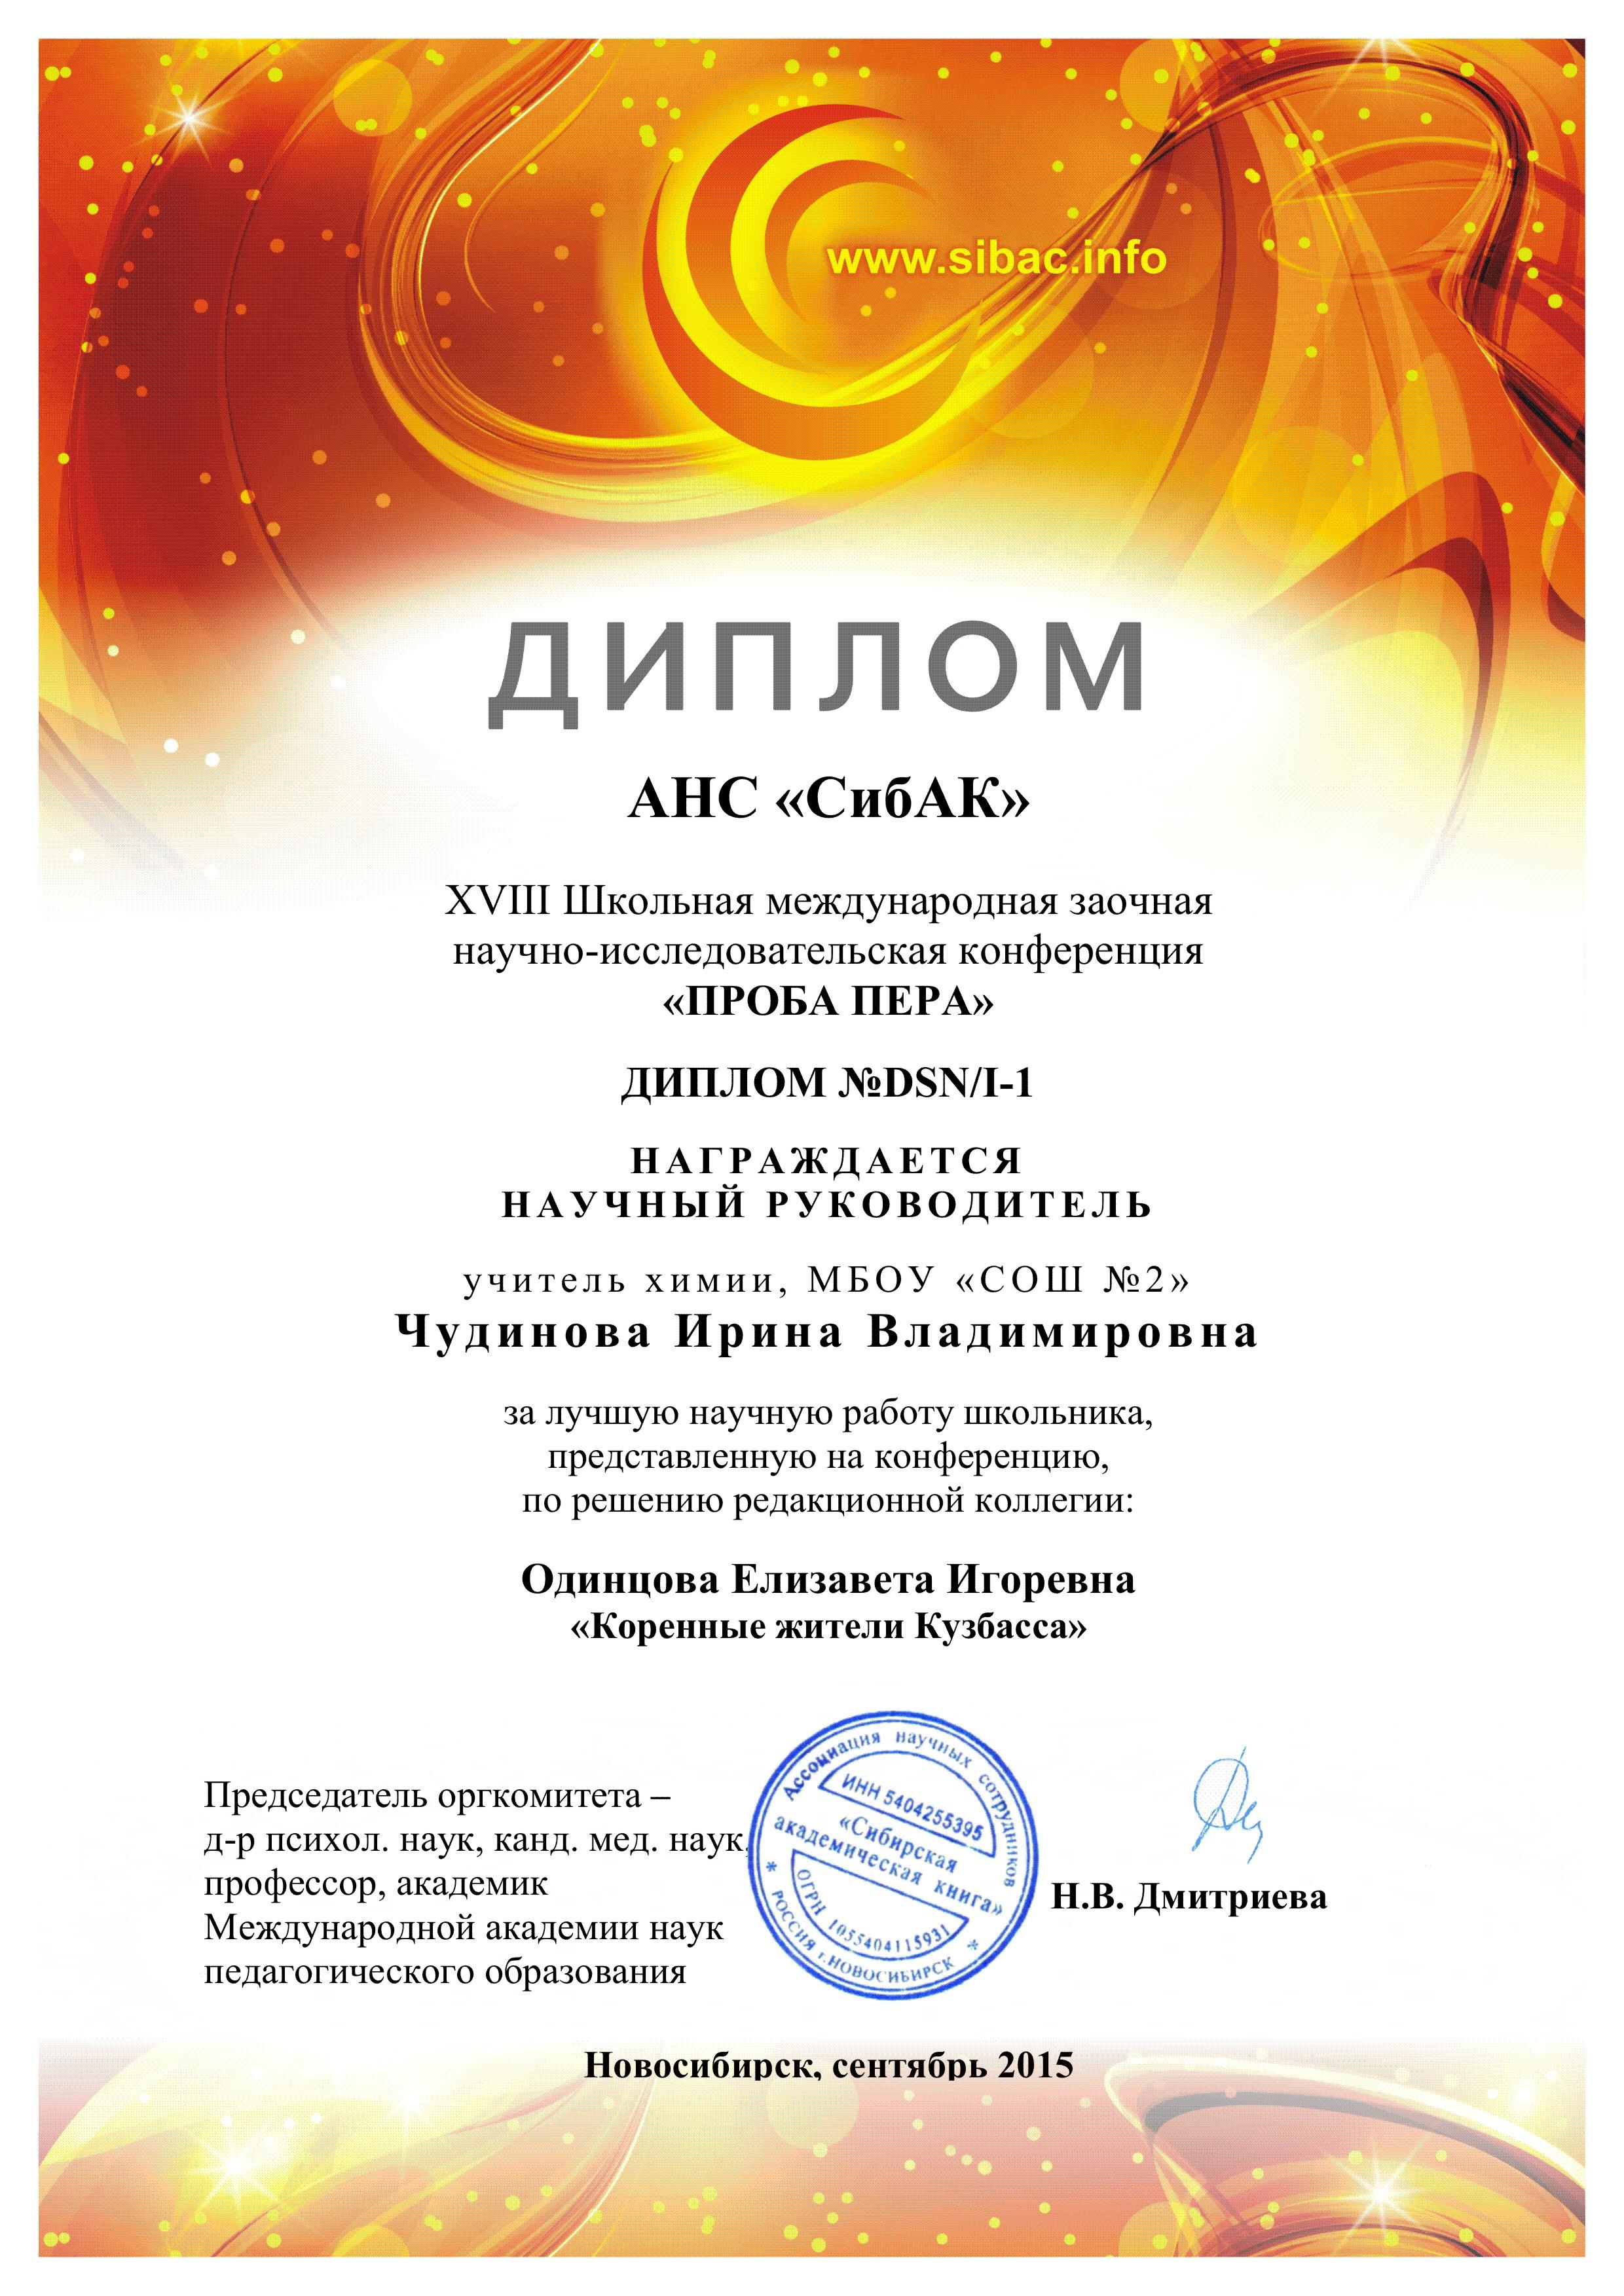 Пример диплома научного руководителя школьной конференции по  Пример диплома научного руководителя школьной конференции по решению редакционной коллегии